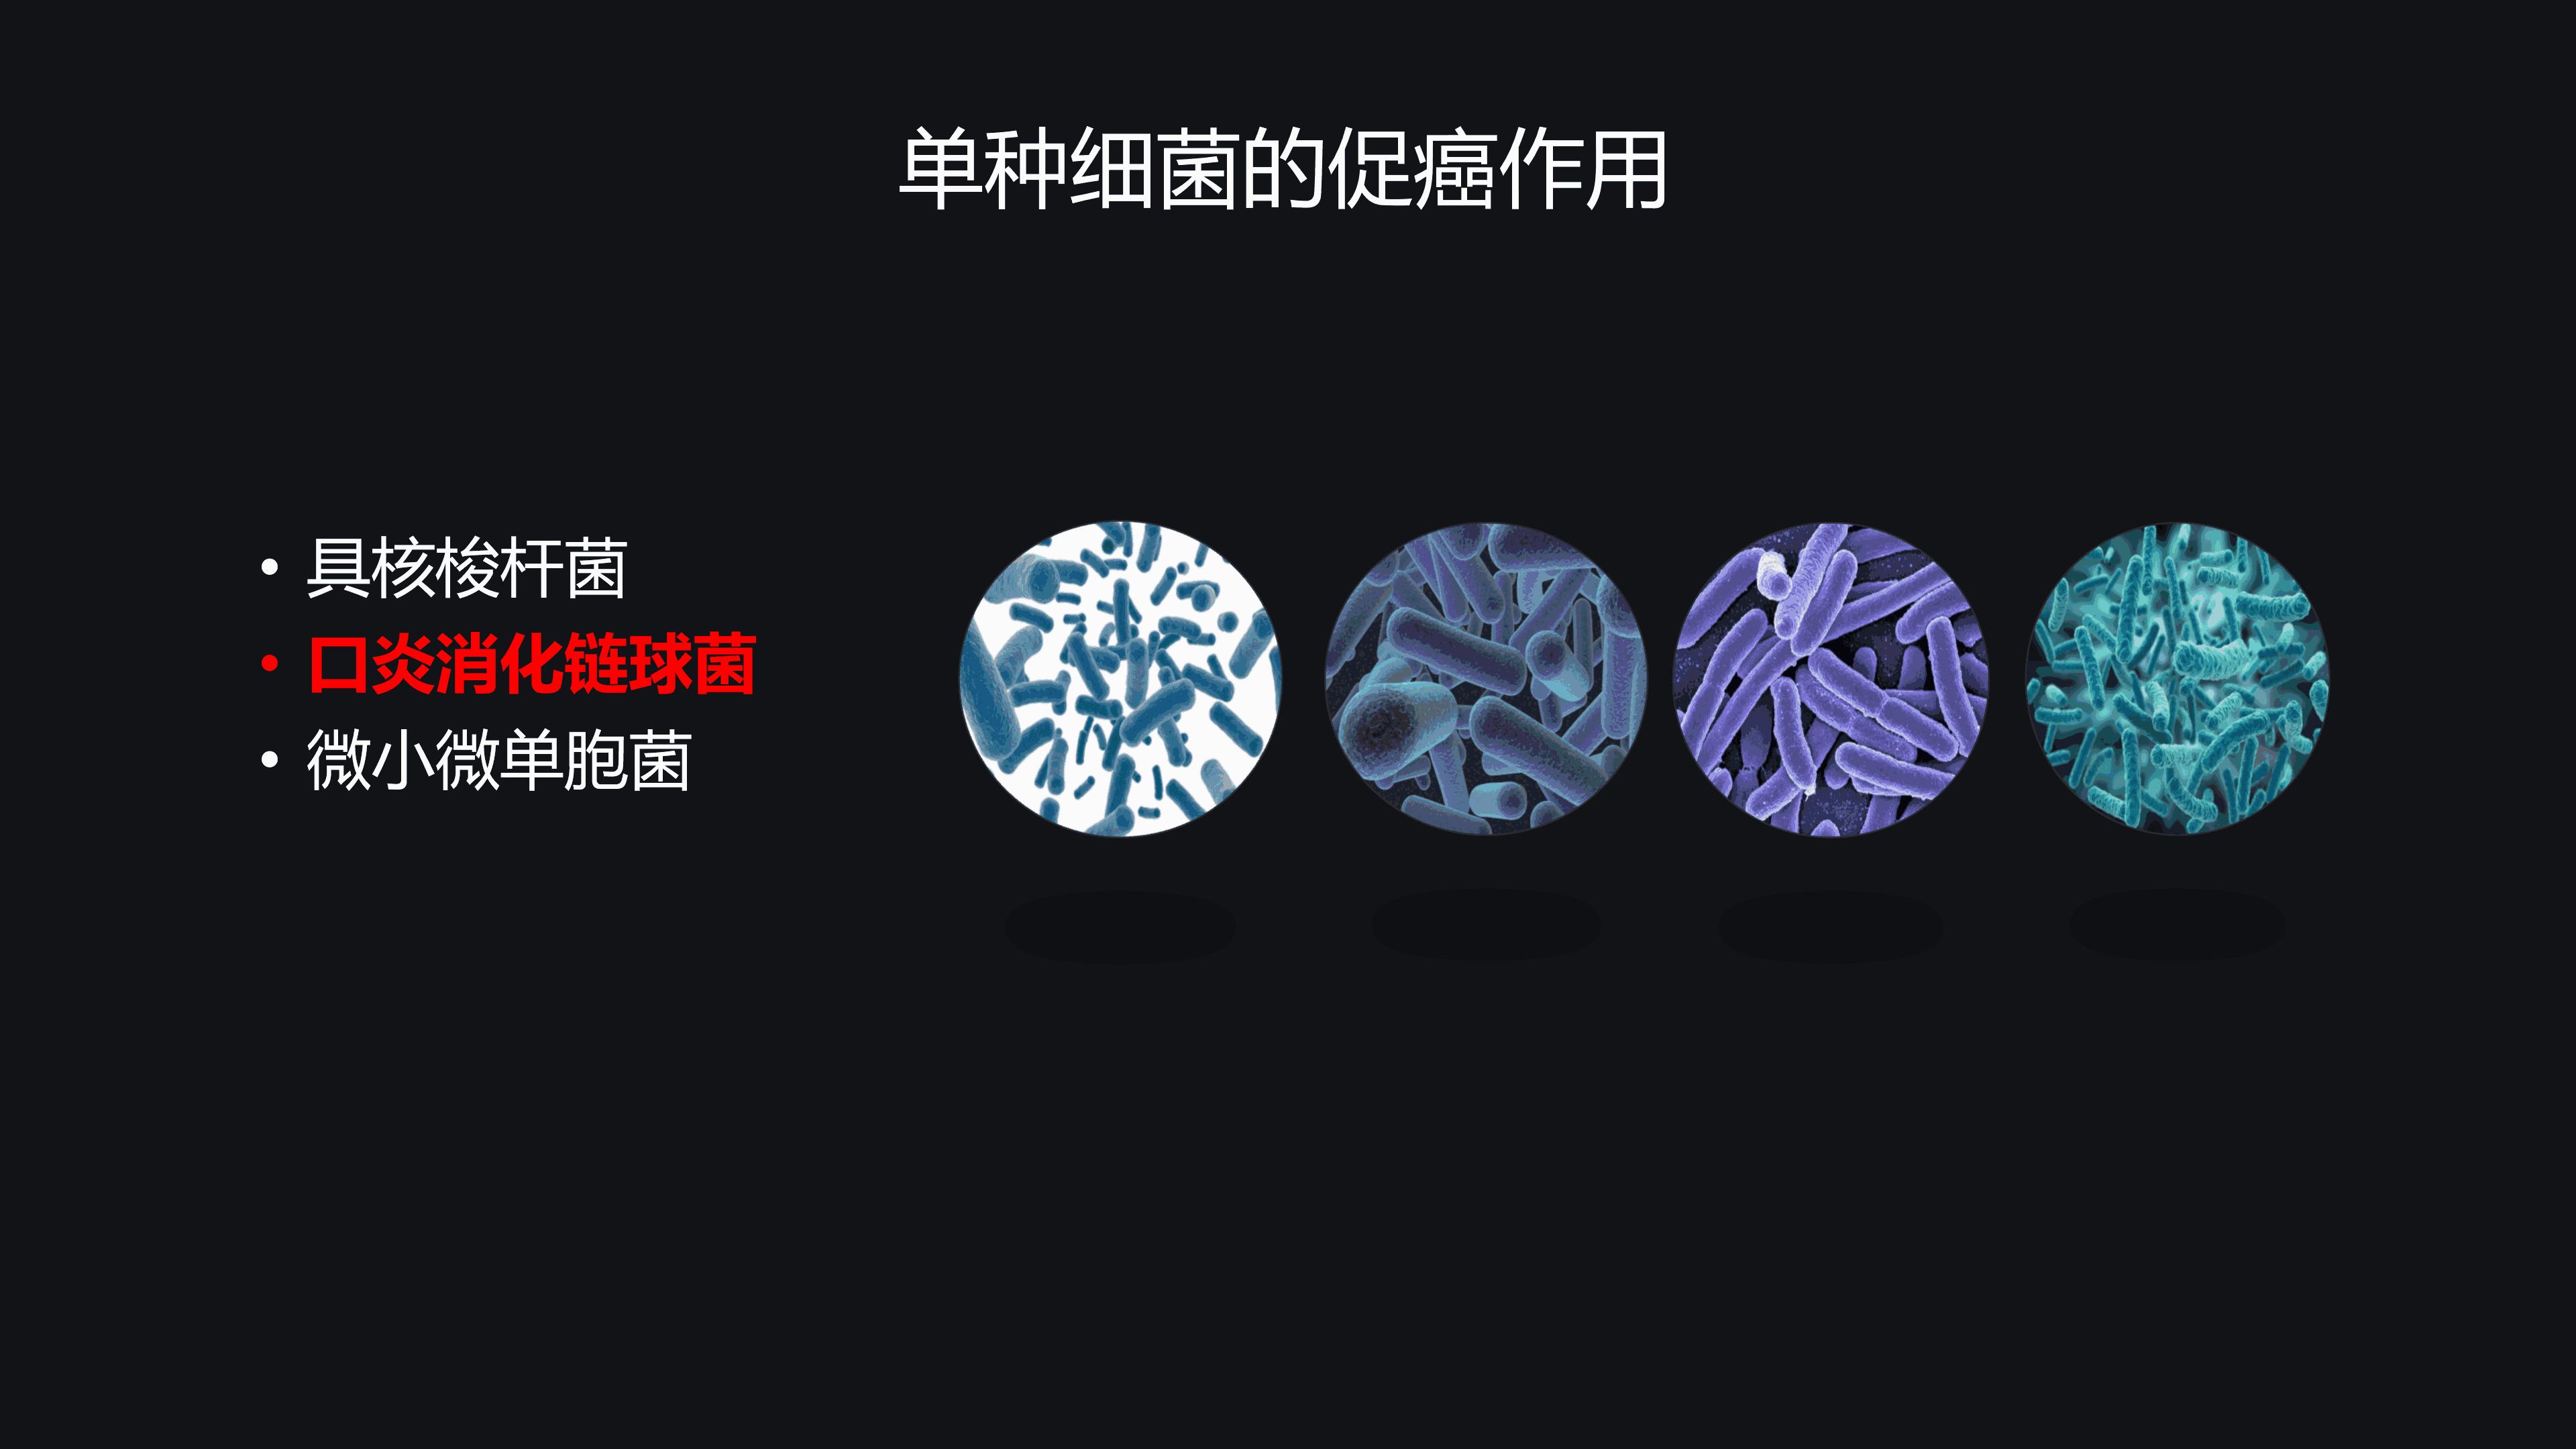 肠道菌群与大肠癌-于君(修改版)-Re3 - 副本_18_ys.png